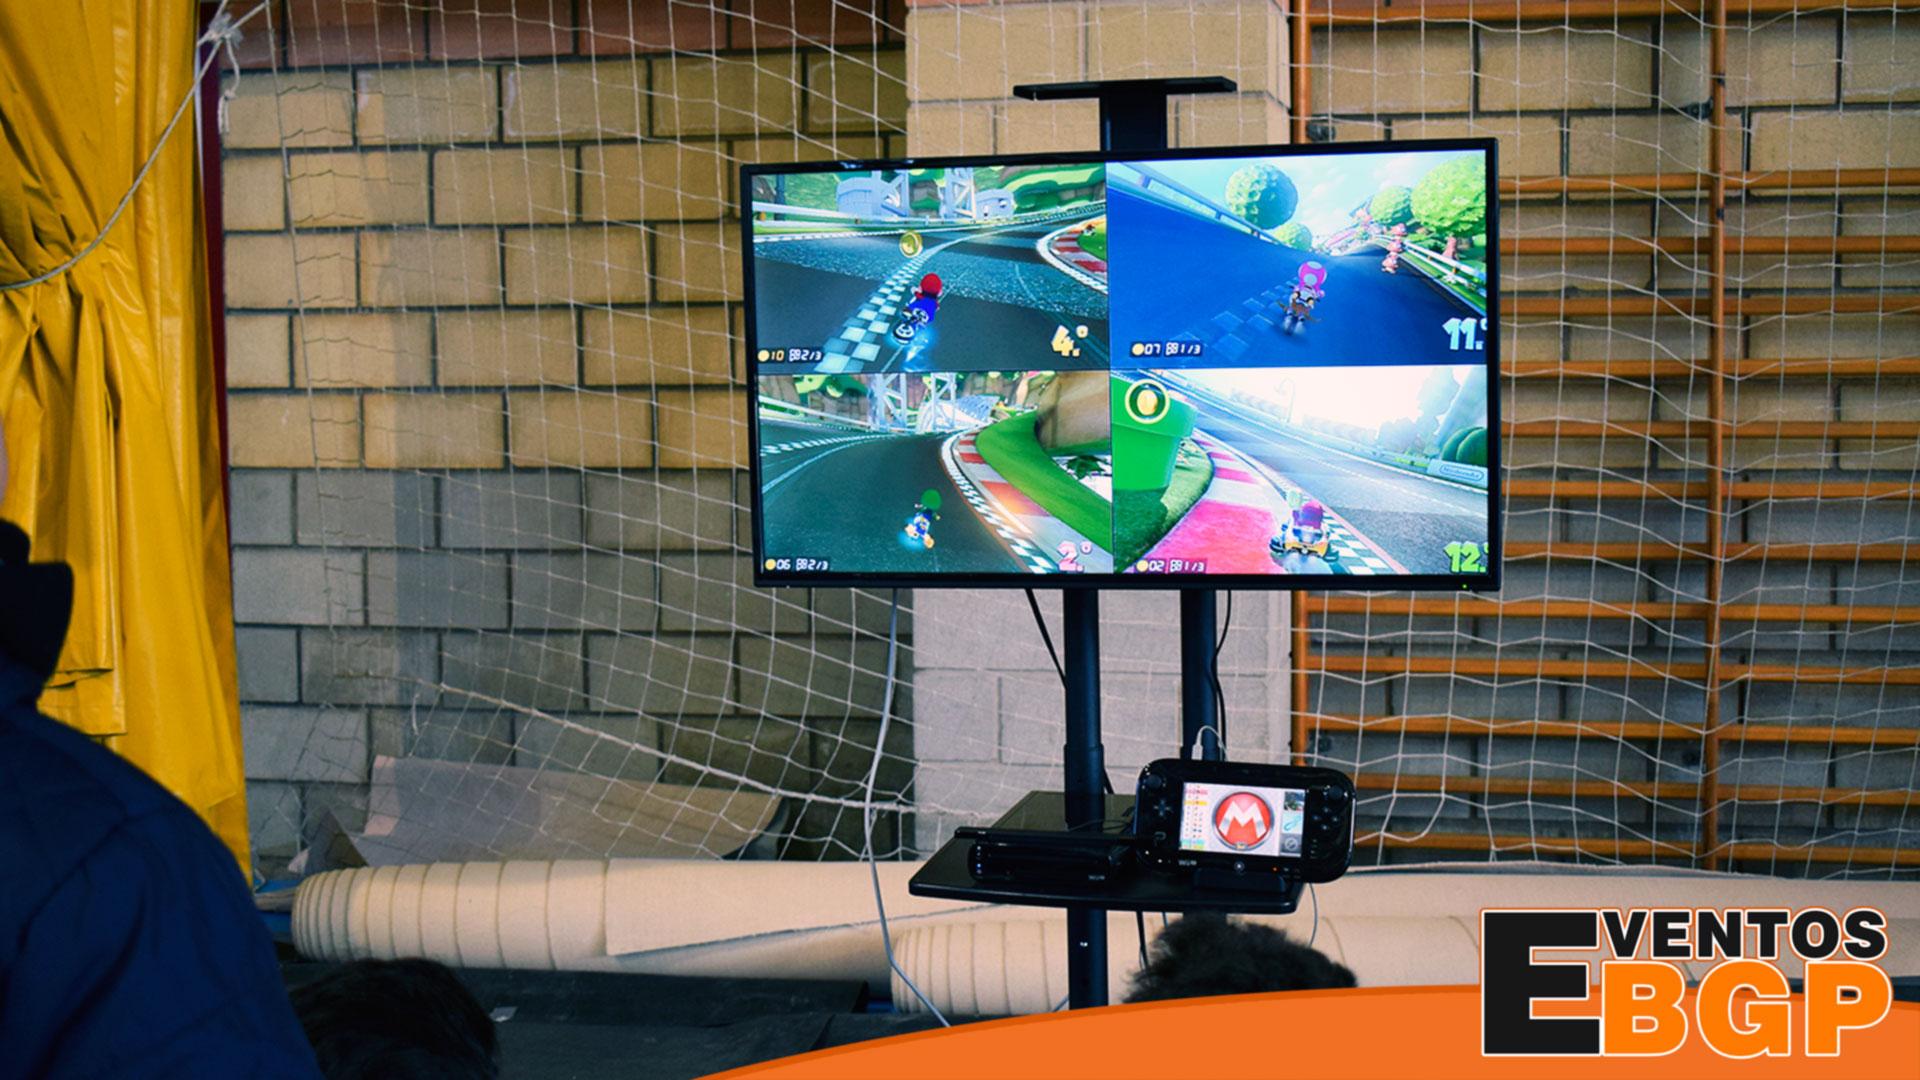 Ayuntamiento de Ayora evento de videojuegos con consolas, simulador y realidad virtual